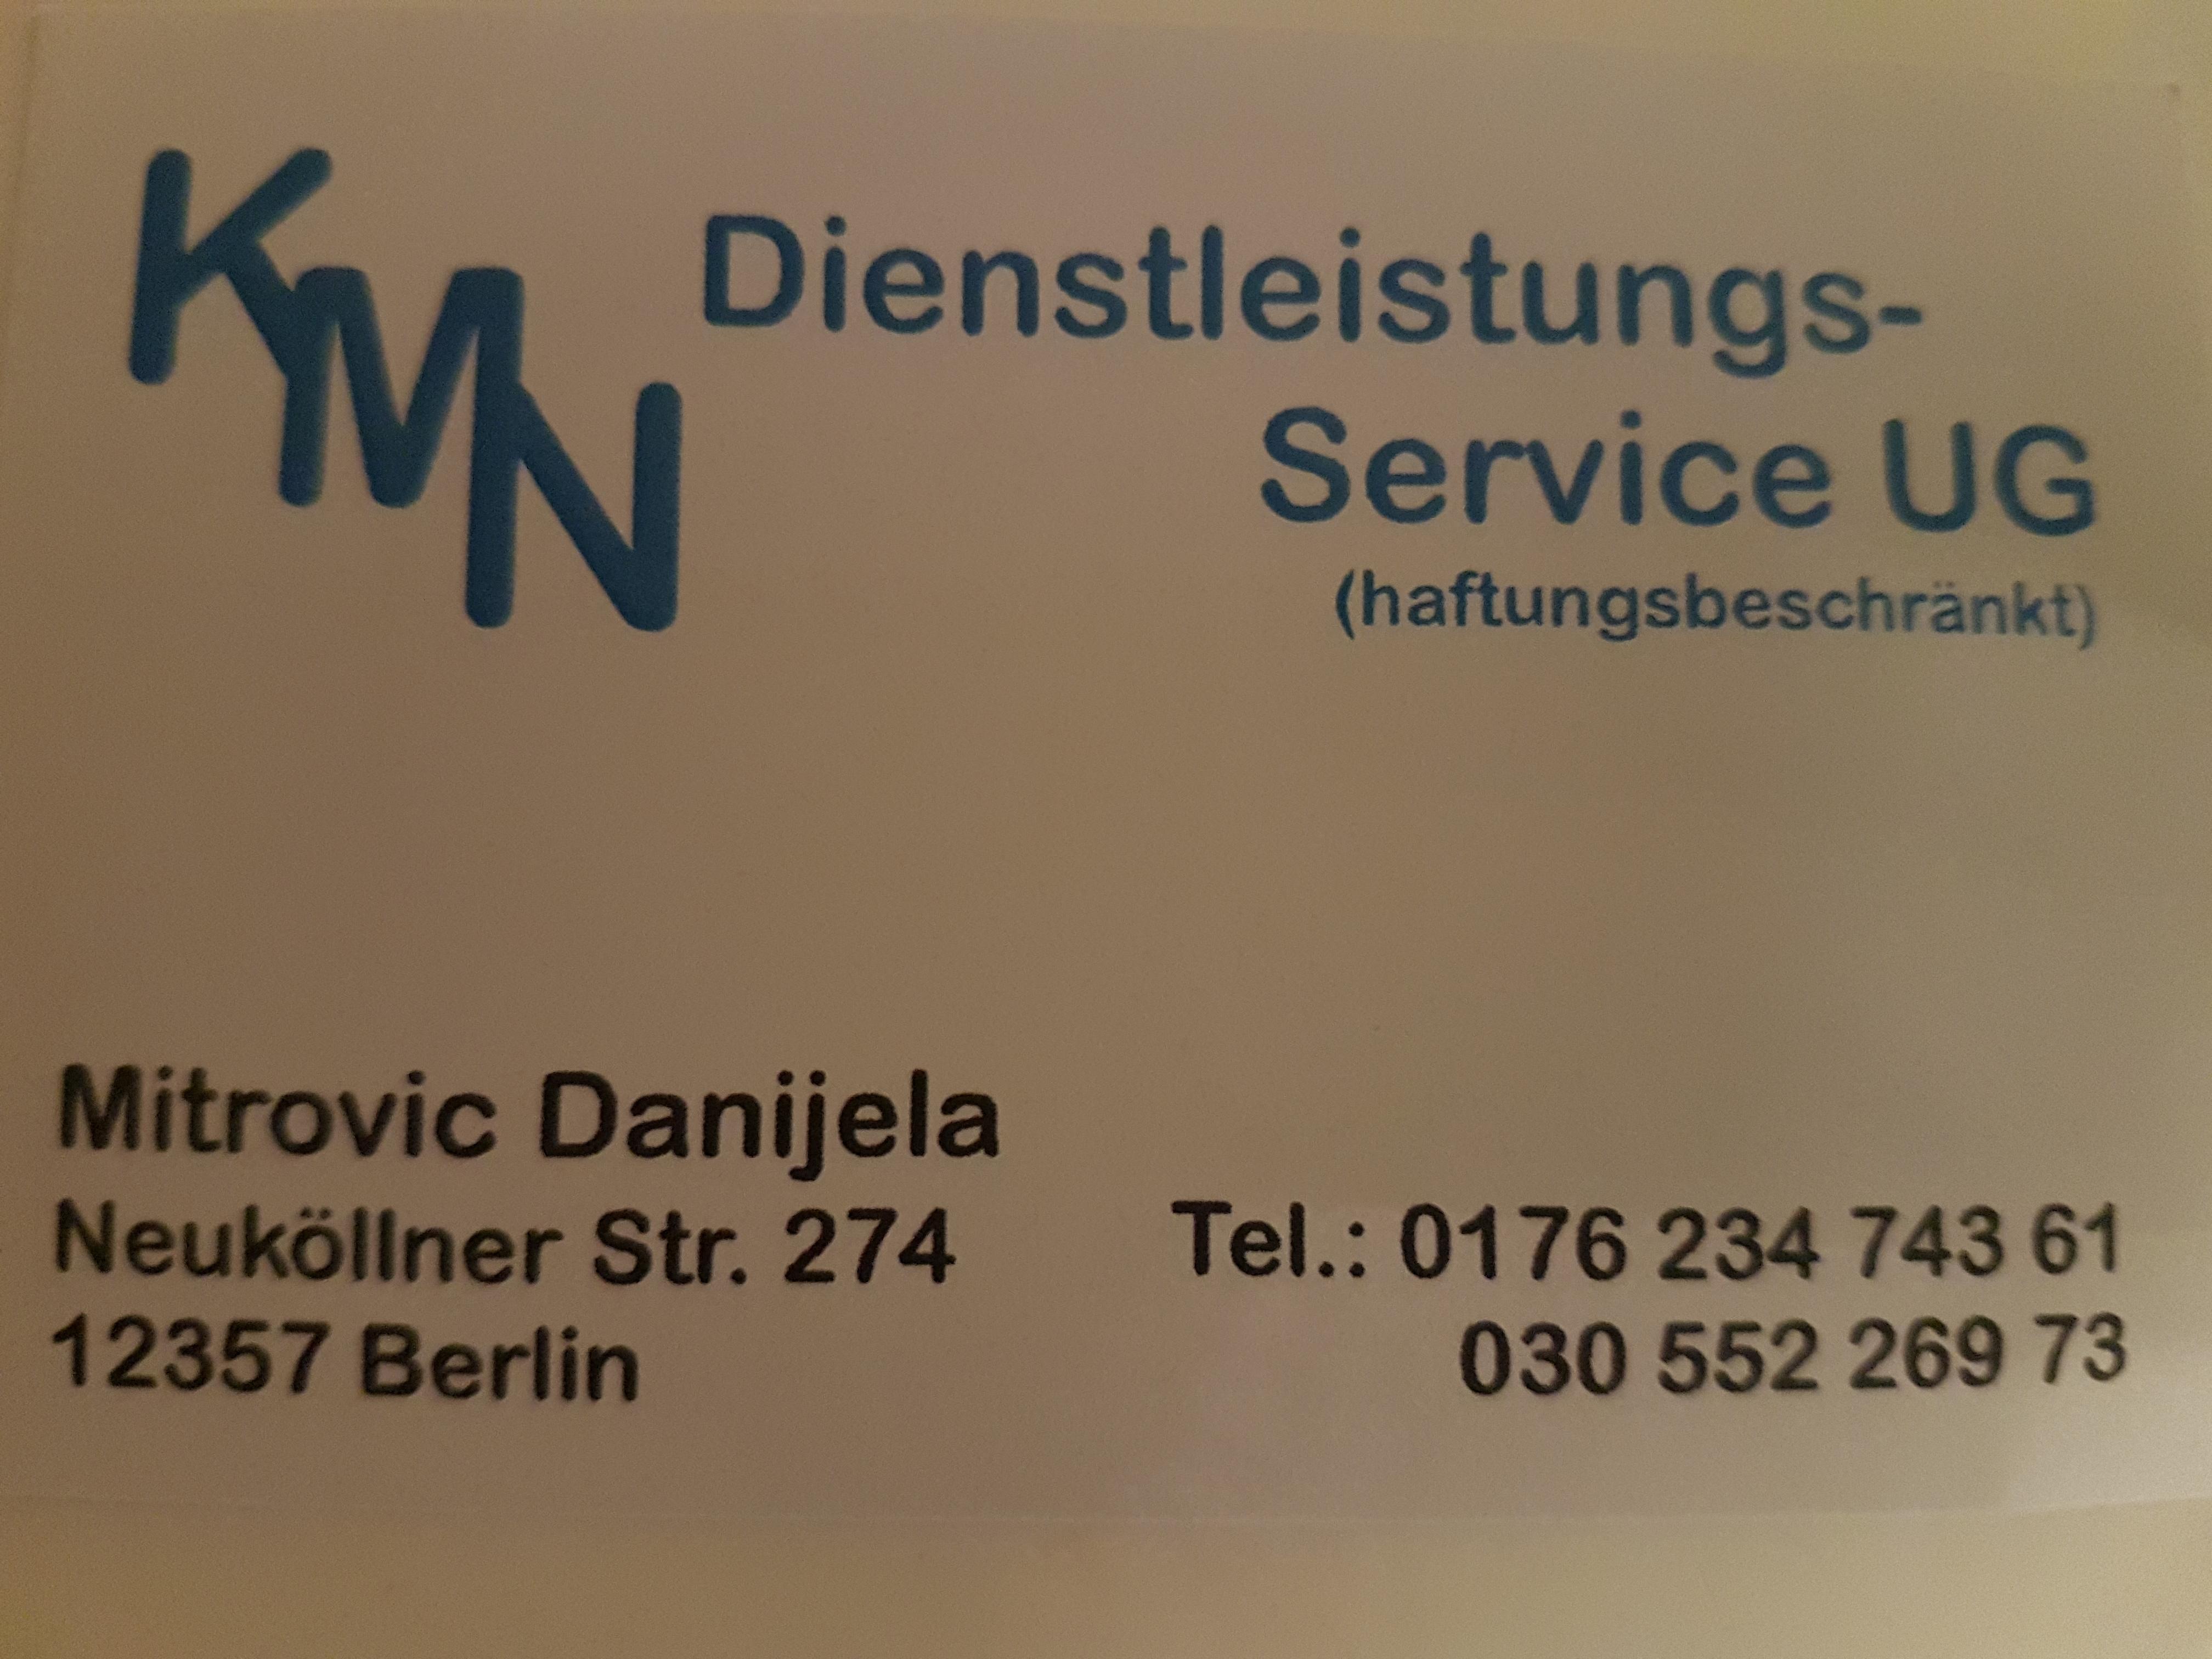 KMN Dienstleistungsservice UG (haftungsbeschränkt)